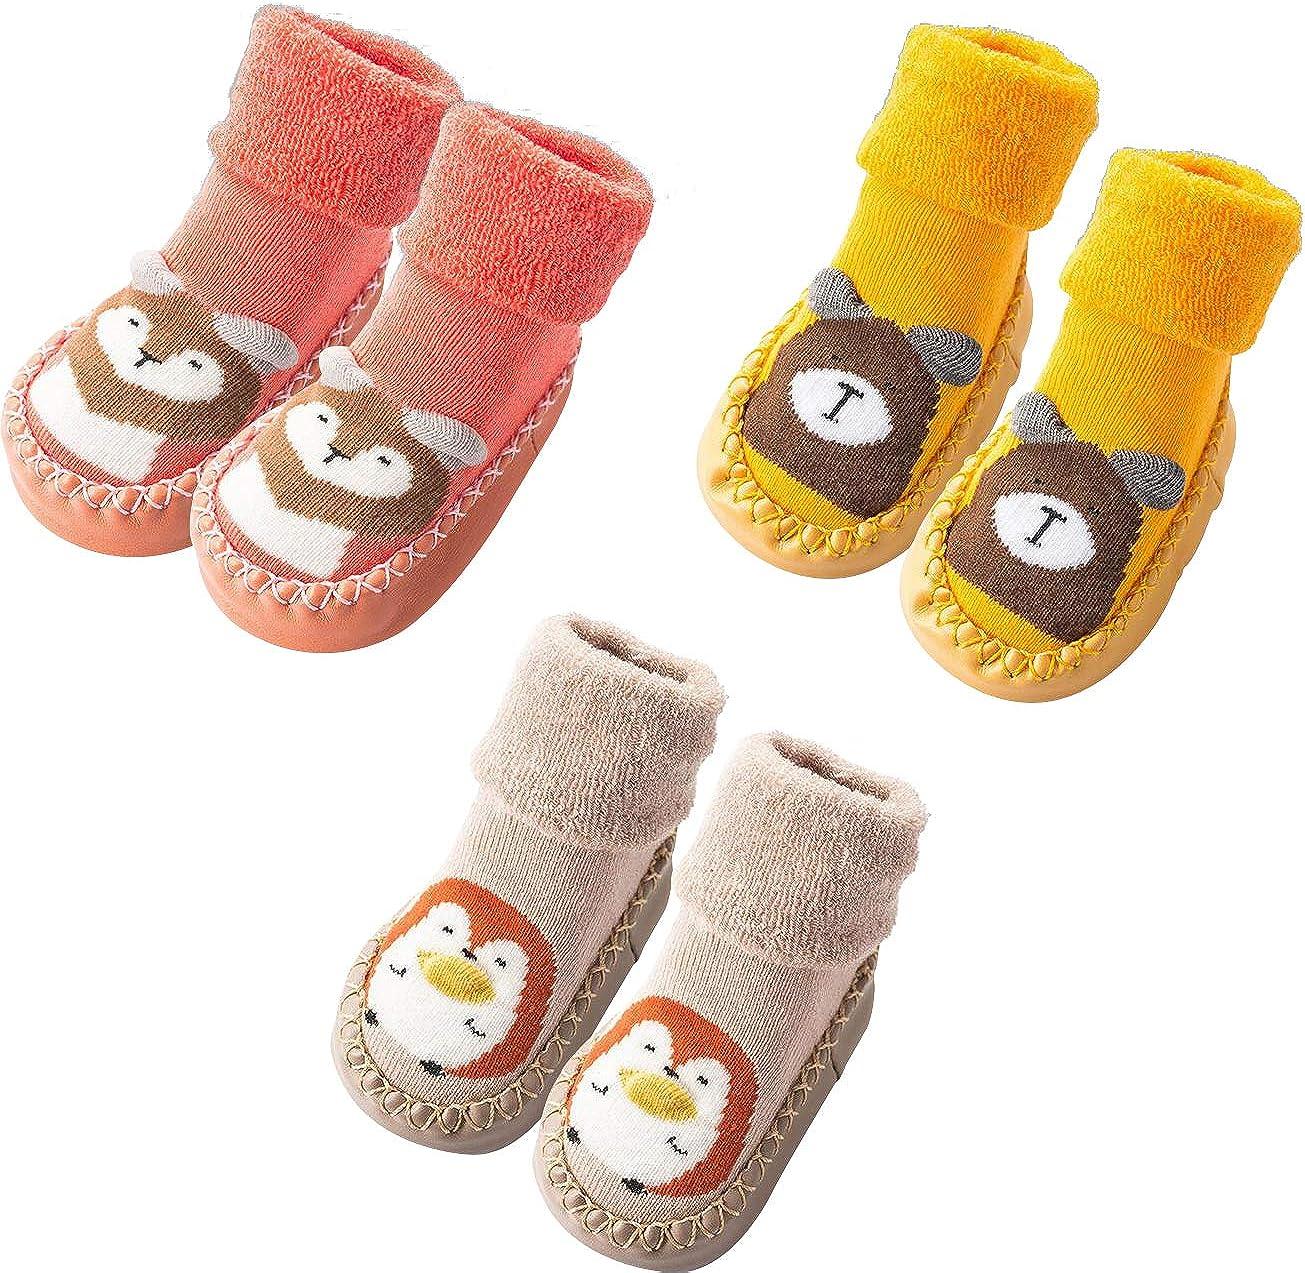 Unisex Newborn Baby Toddler Kids 0-14 Years Boys Girls Cartoon Pure Cotton 5 Pack Socks